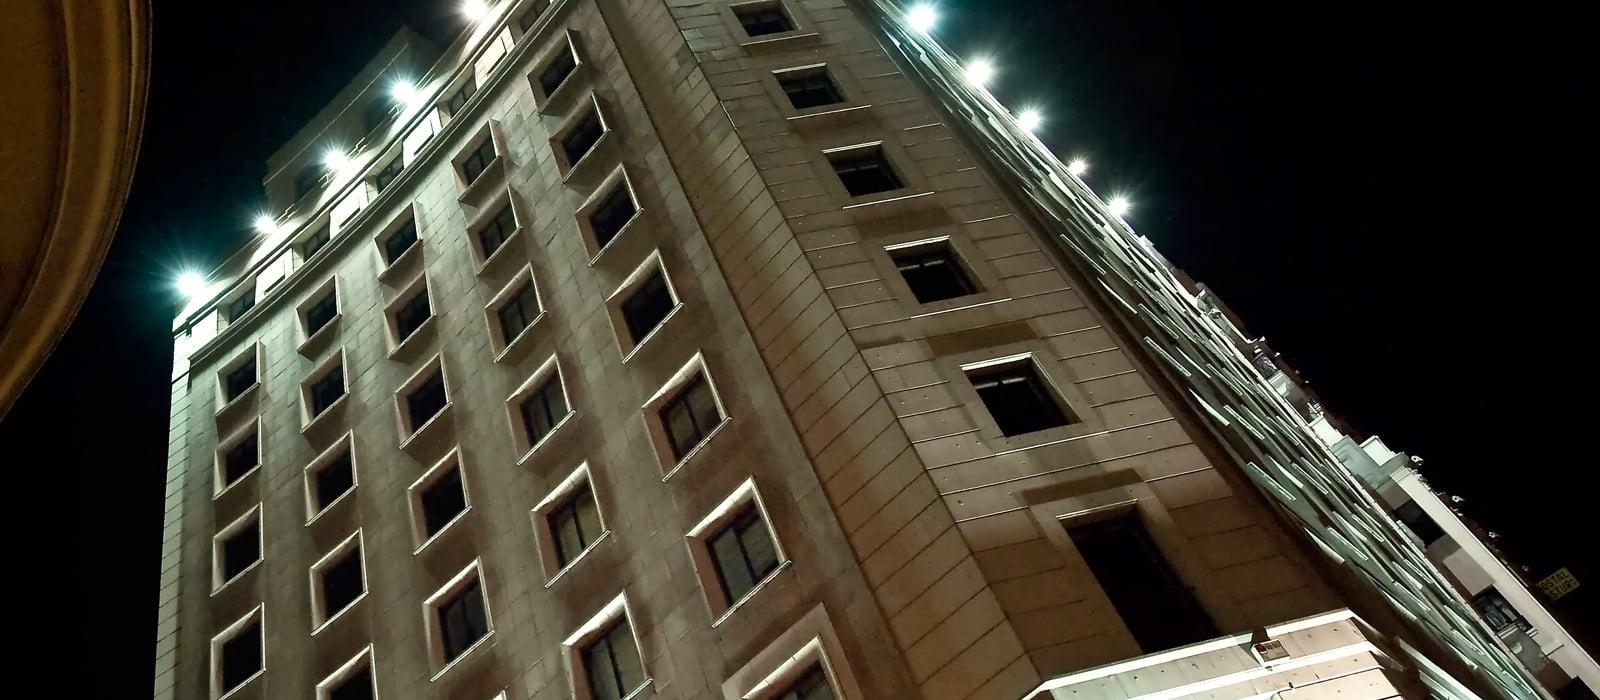 Facciata illuminata di Notte - Vincci Vía 66 4*